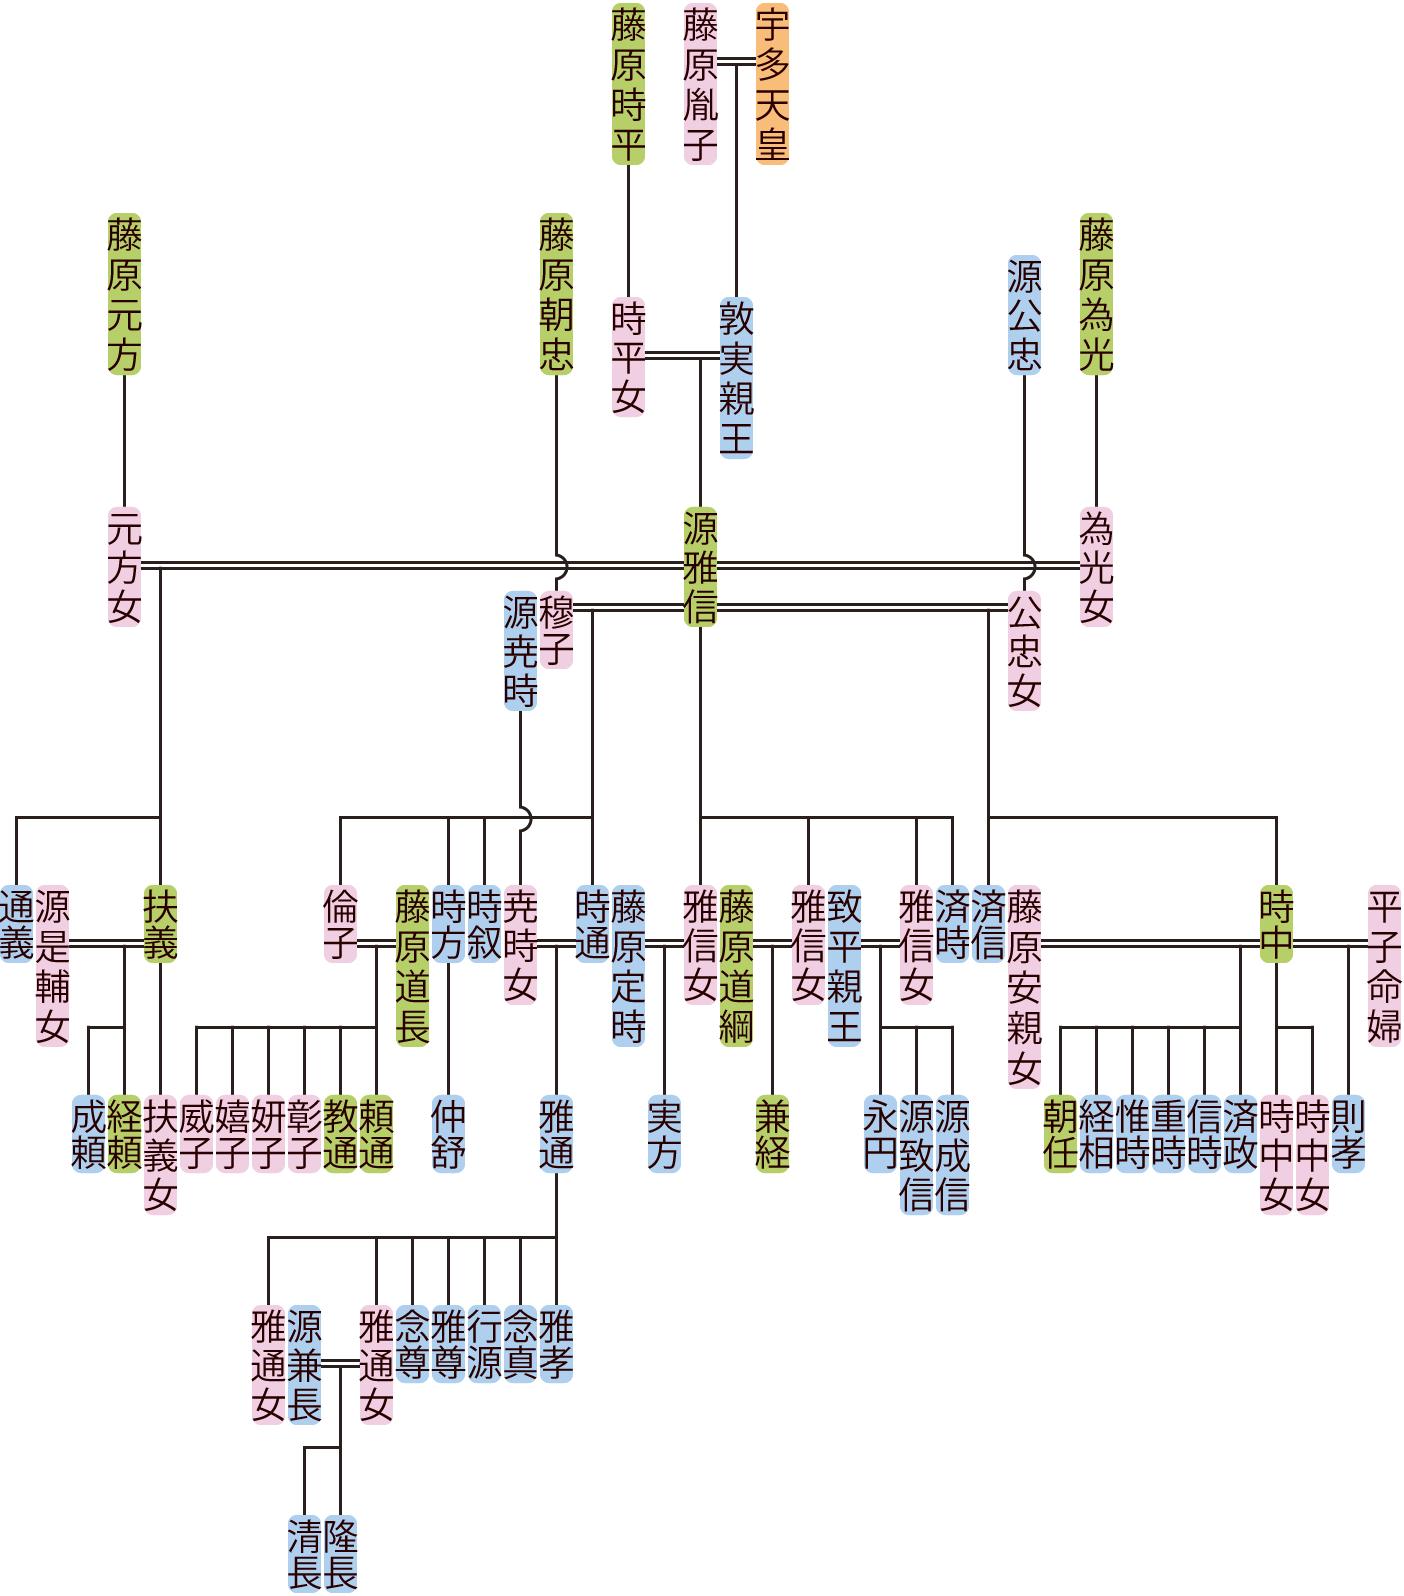 源雅信の系図